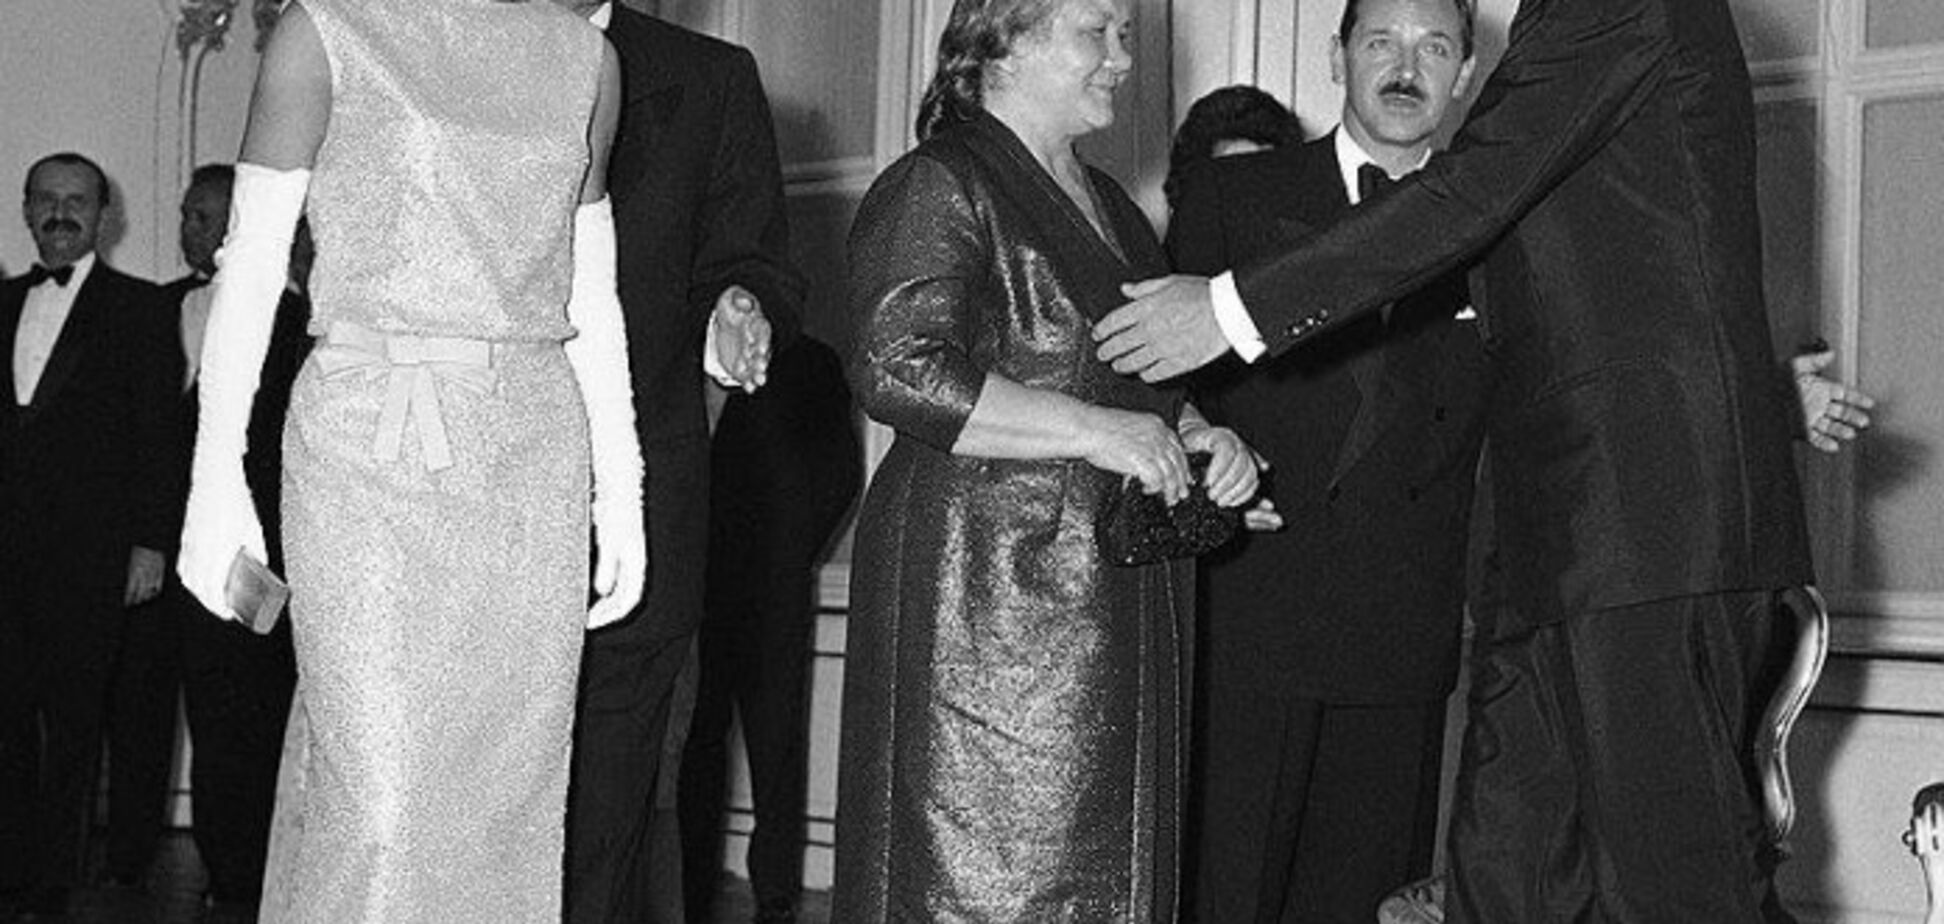 Нина Хрущева: не так проста, как кажется на первый взгляд